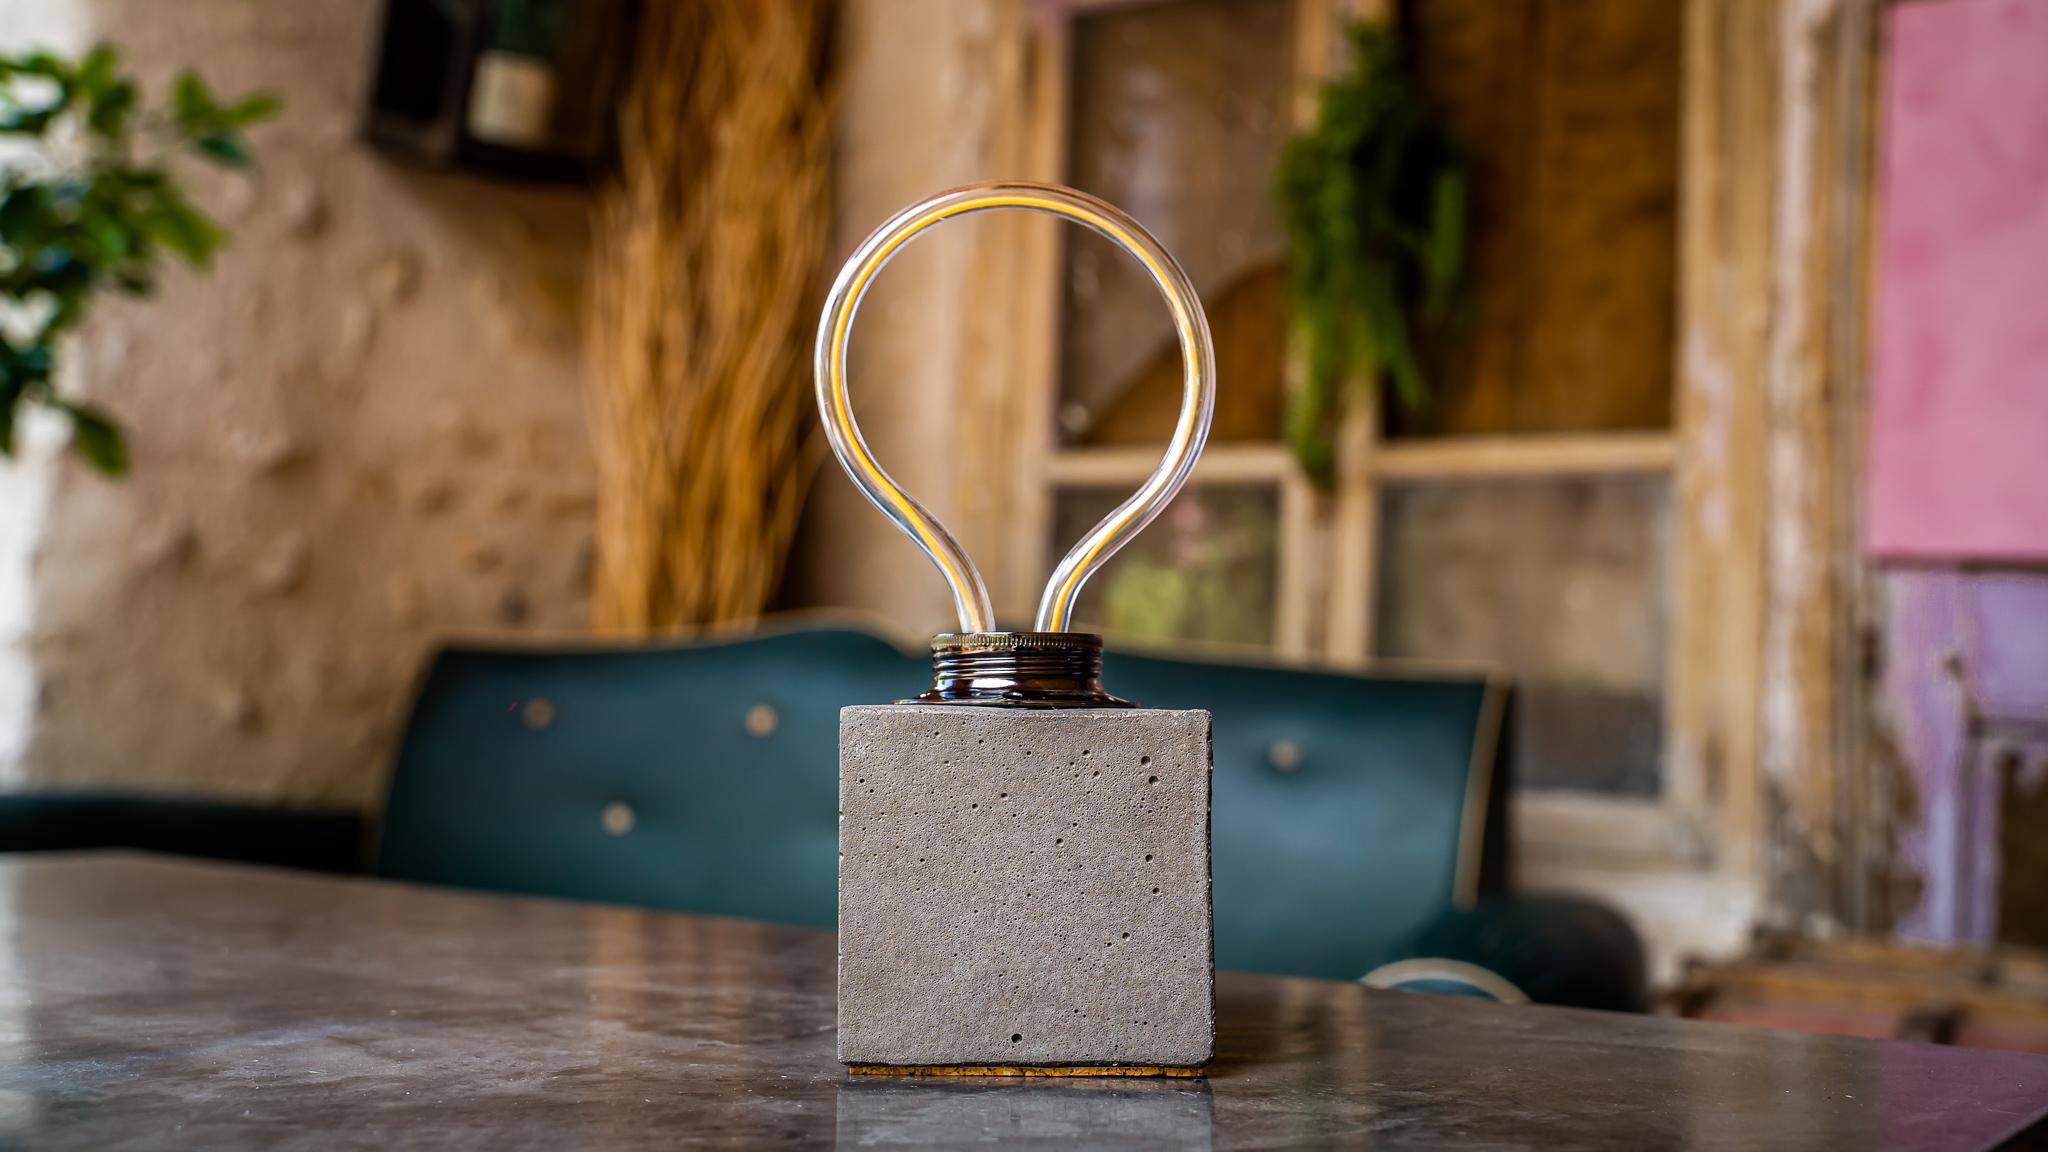 Lampe cube néon en béton anthracite fabrication artisanale